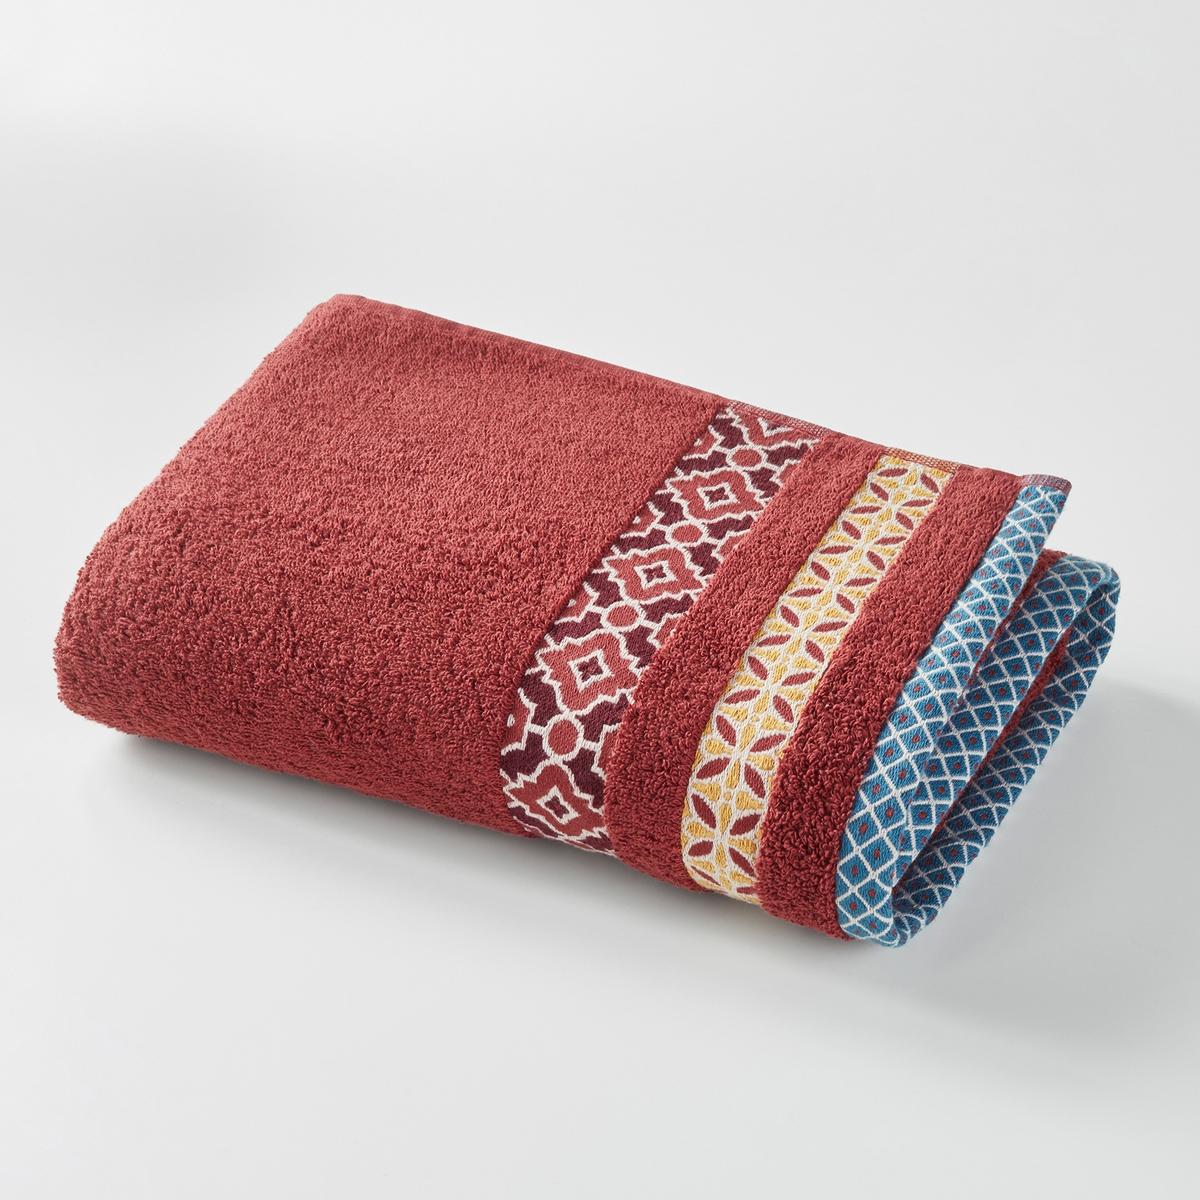 Полотенце махровое EVORA, 100% хлопок.Махровое полотенце EVORA с отделкой цветной кромкой, из хлопка. Полотенце из мягкого и плотного хлопка с отделкой цветной кромкой оживит Вашу ванную комнату.Характеристики:Материал: махра, 100% хлопок, 500 г/м?.Уход:Стирать при 60°С.Жаккардовая кромка.Размеры:50 x 100 см.Существует в 3-х цветах, которые можно сочетать по Вашему желанию.<br><br>Цвет: кирпичный